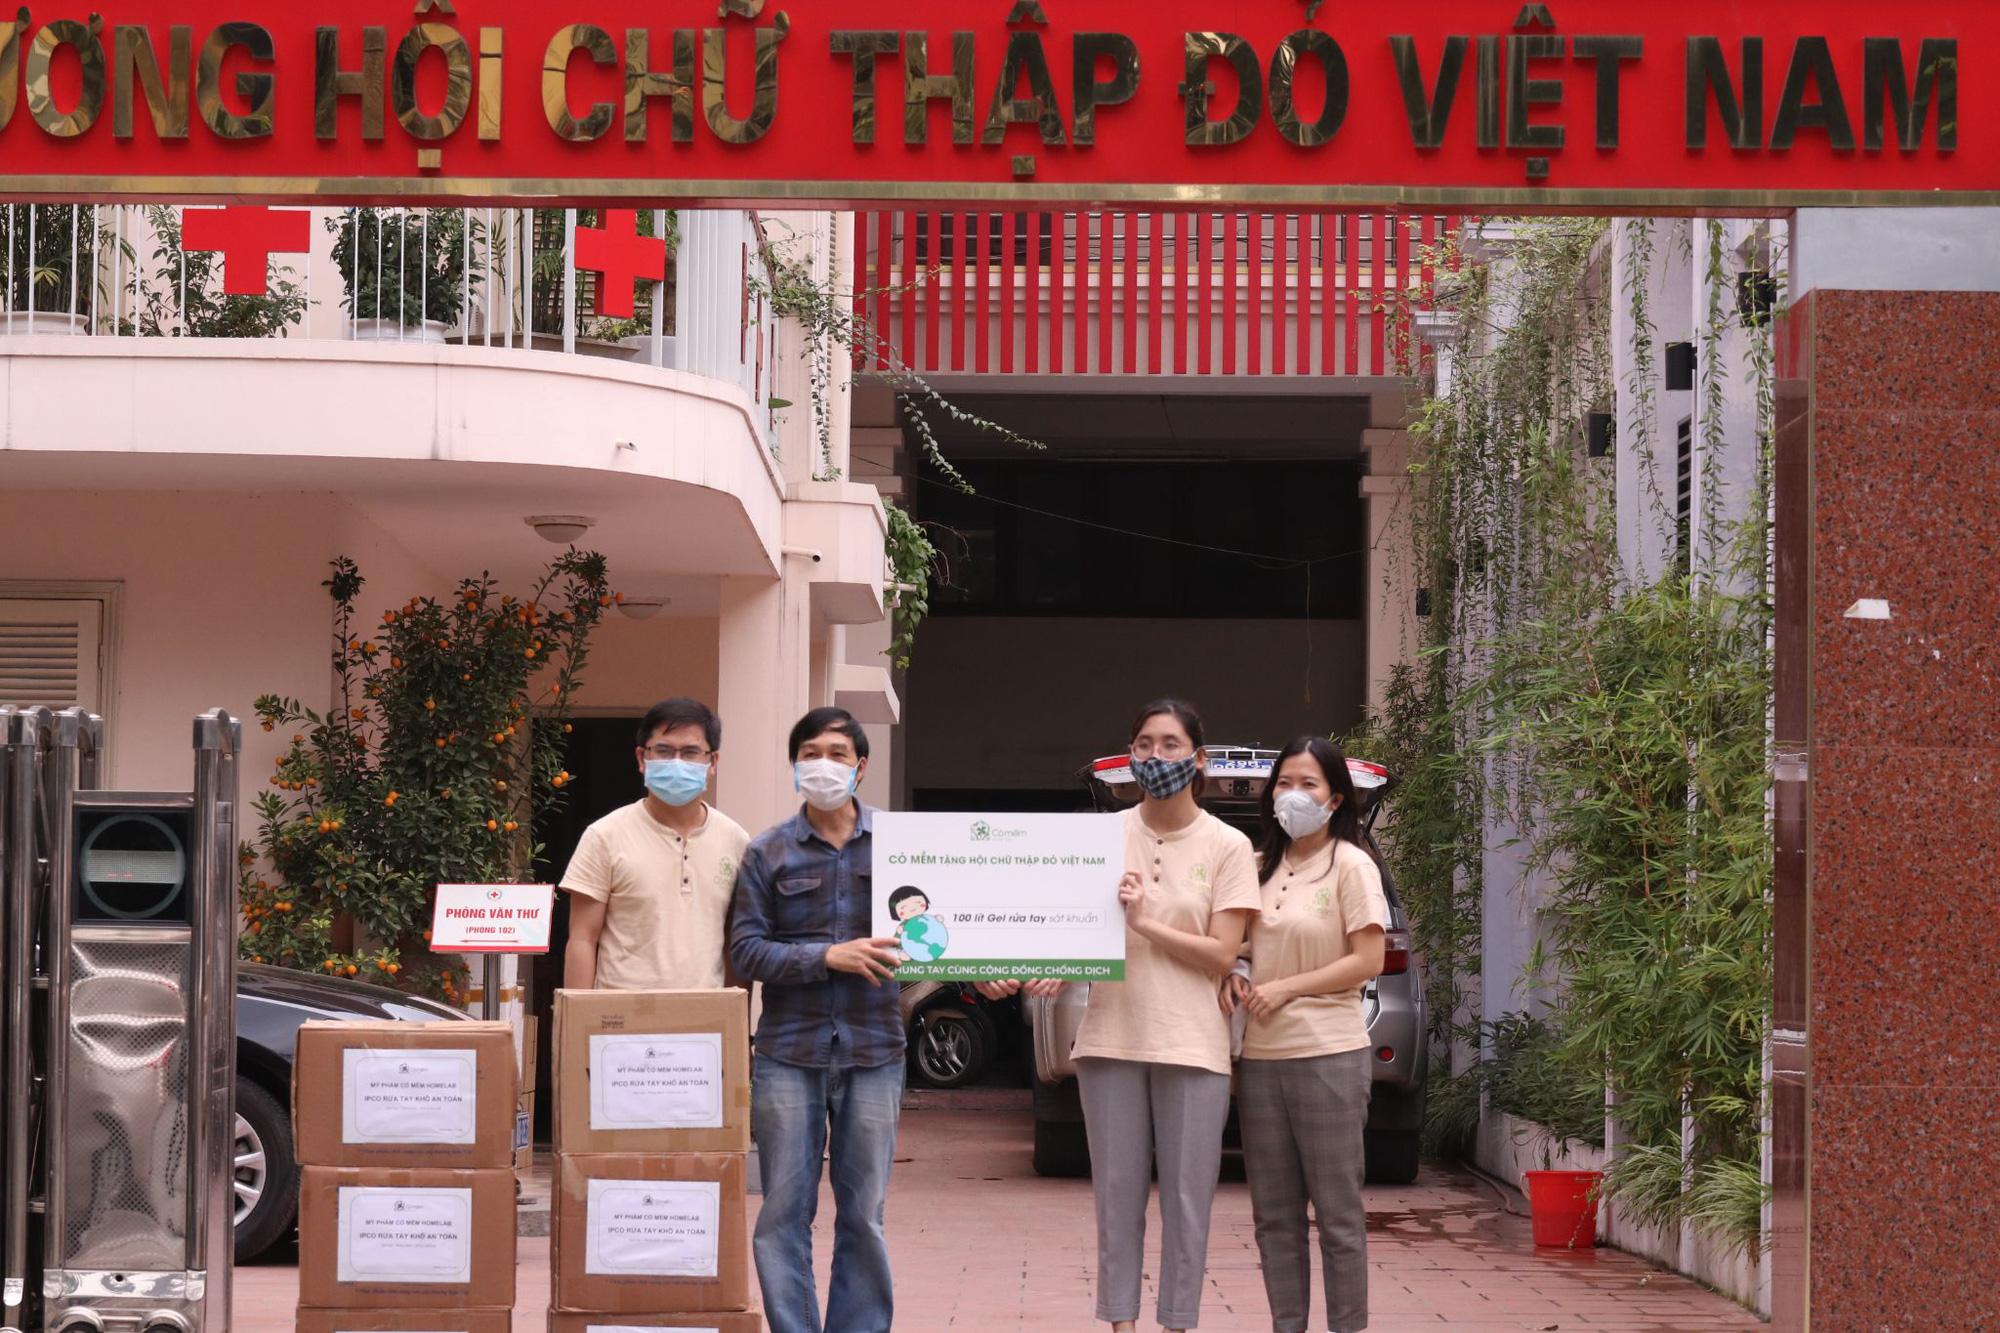 Mỹ phẩm Cỏ Mềm ủng hộ hơn 200 triệu đồng vào Quỹ vaccine phòng COVID-19, mua vaccine cho CBNV - Ảnh 3.